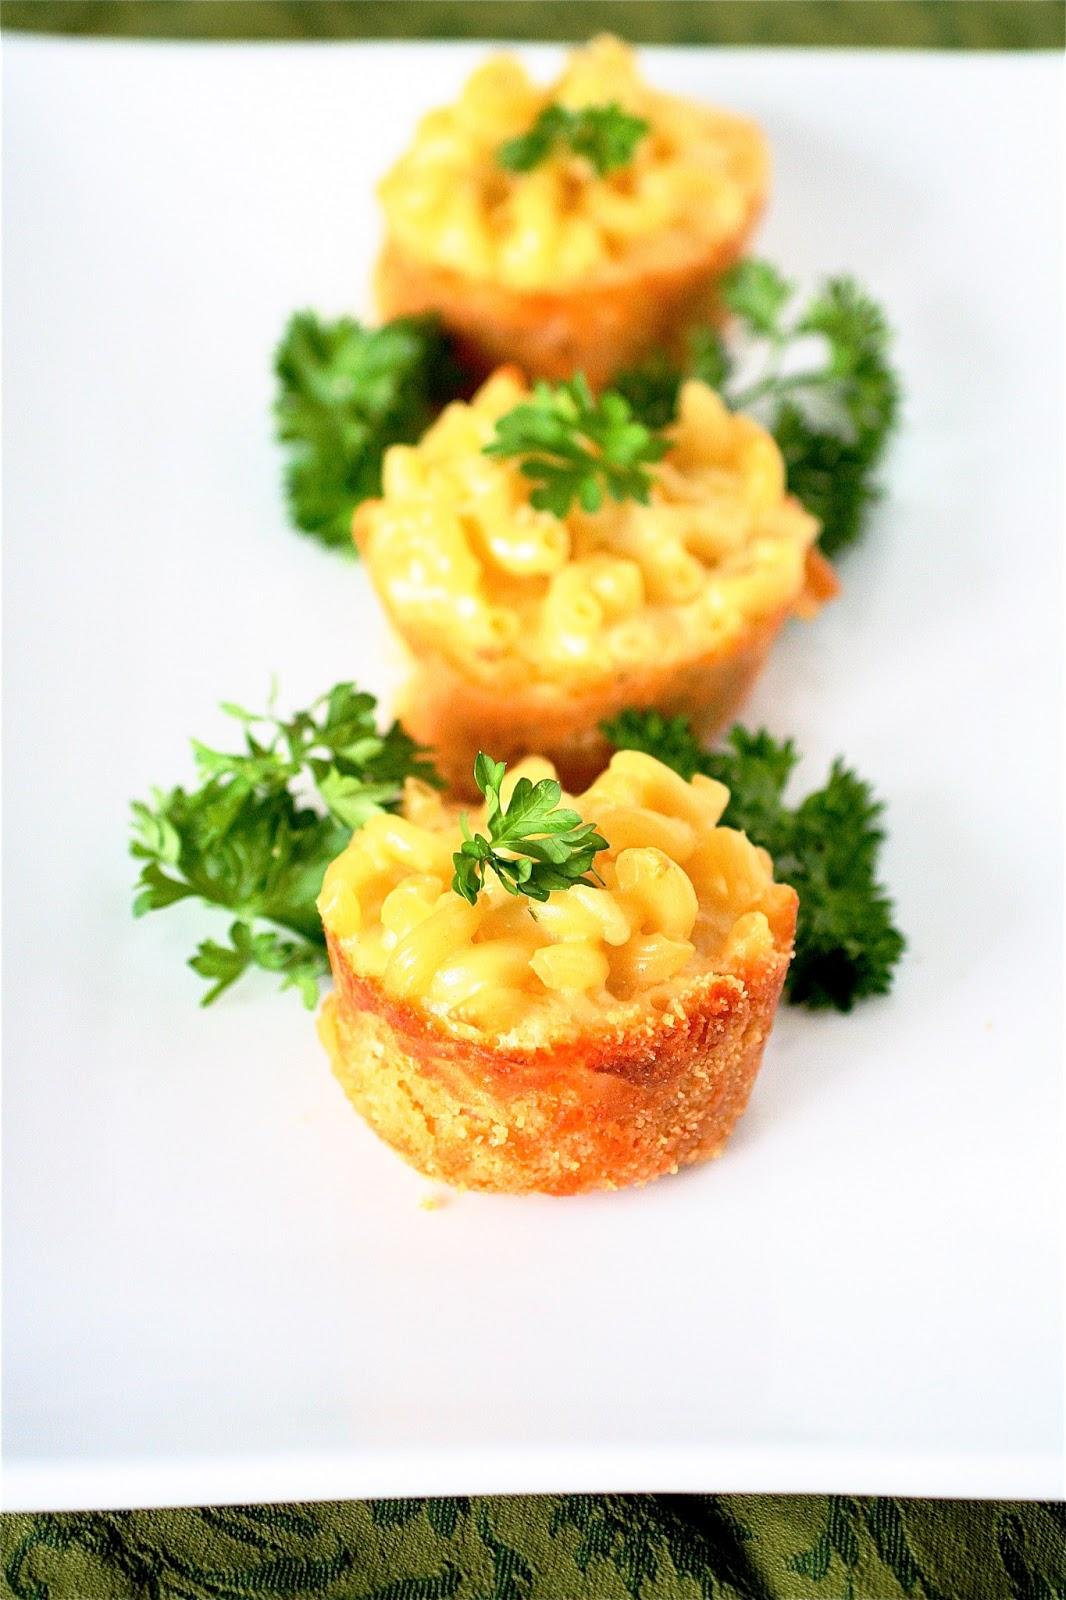 Temecula Make Ahead Mini Lobster Mac 'n Cheese Appetizers | My Sweet California Life